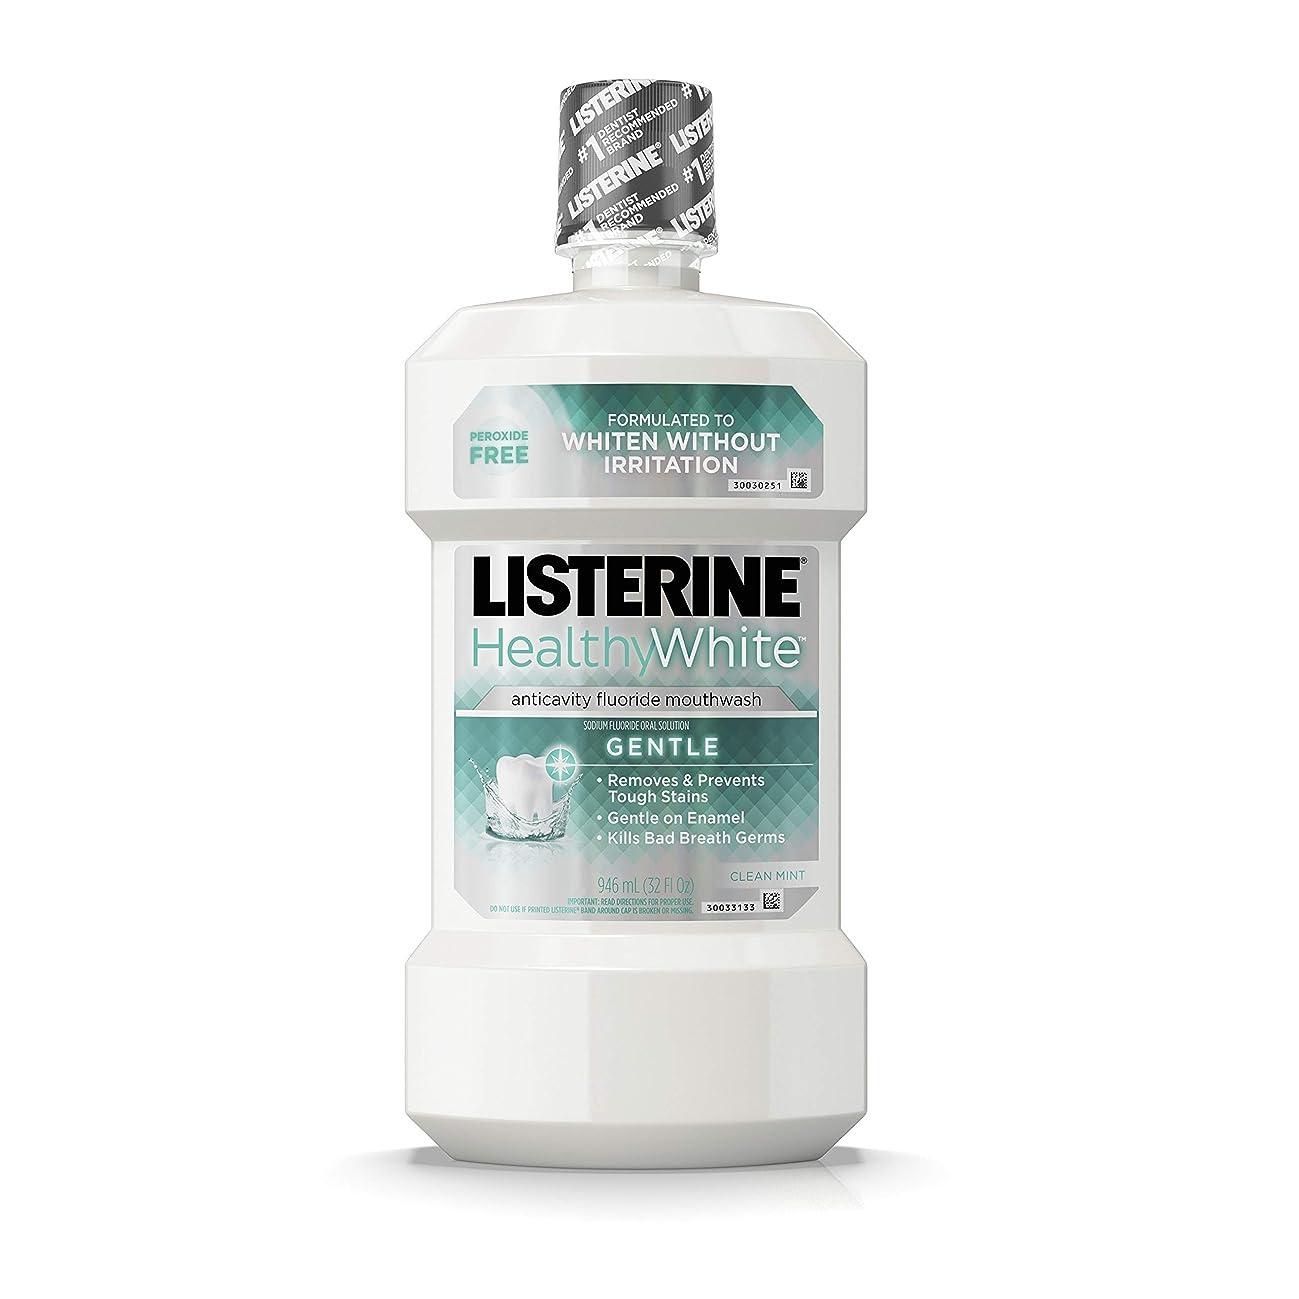 理想的には心配する前置詞Listerine ジェントルクリーンマウスウォッシュ - クリーンミント 1パック